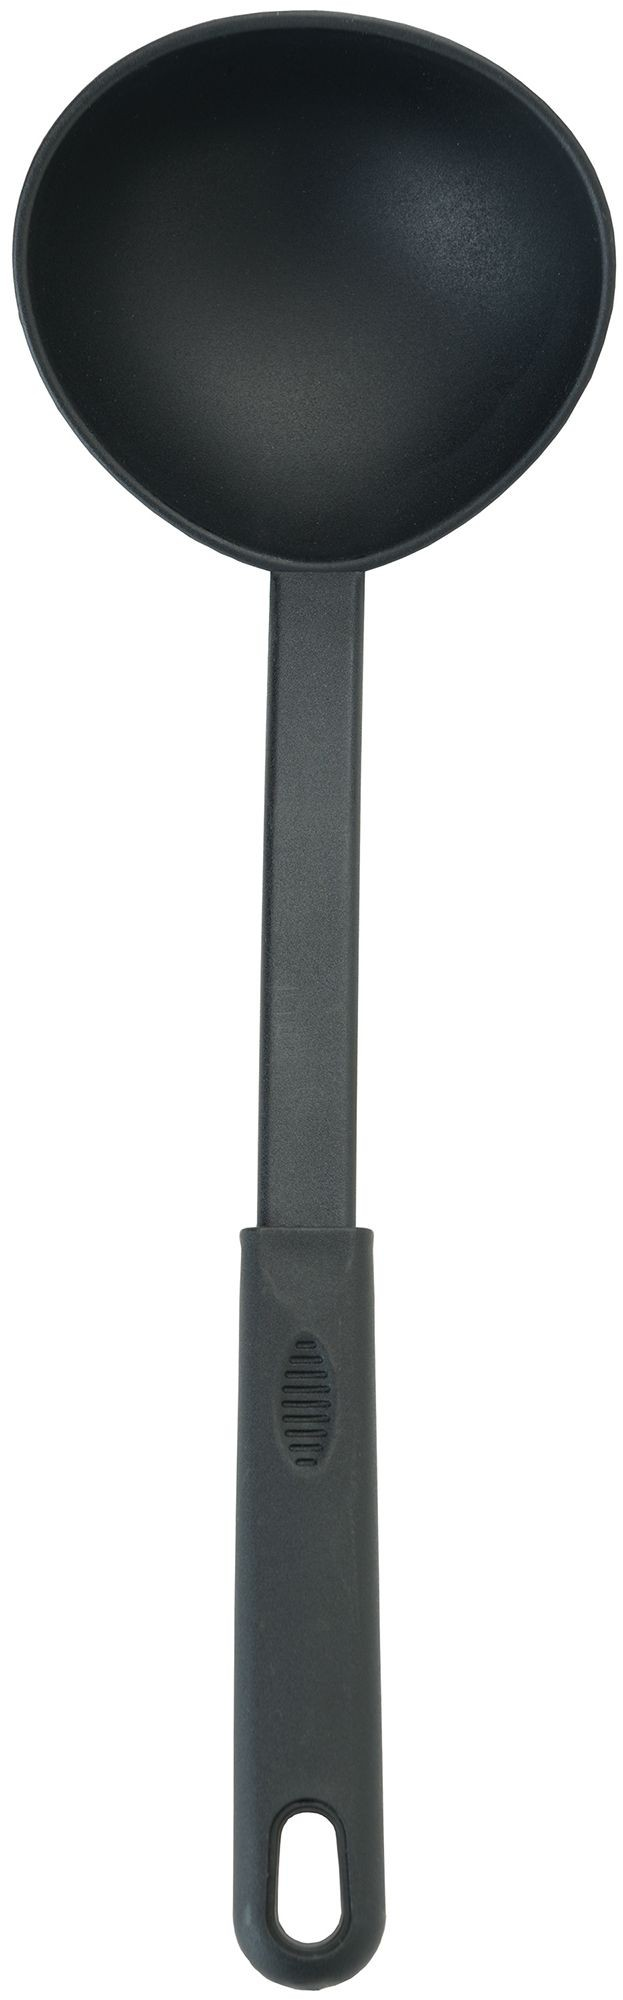 Black Nylon Ladle (Heat Resistant)